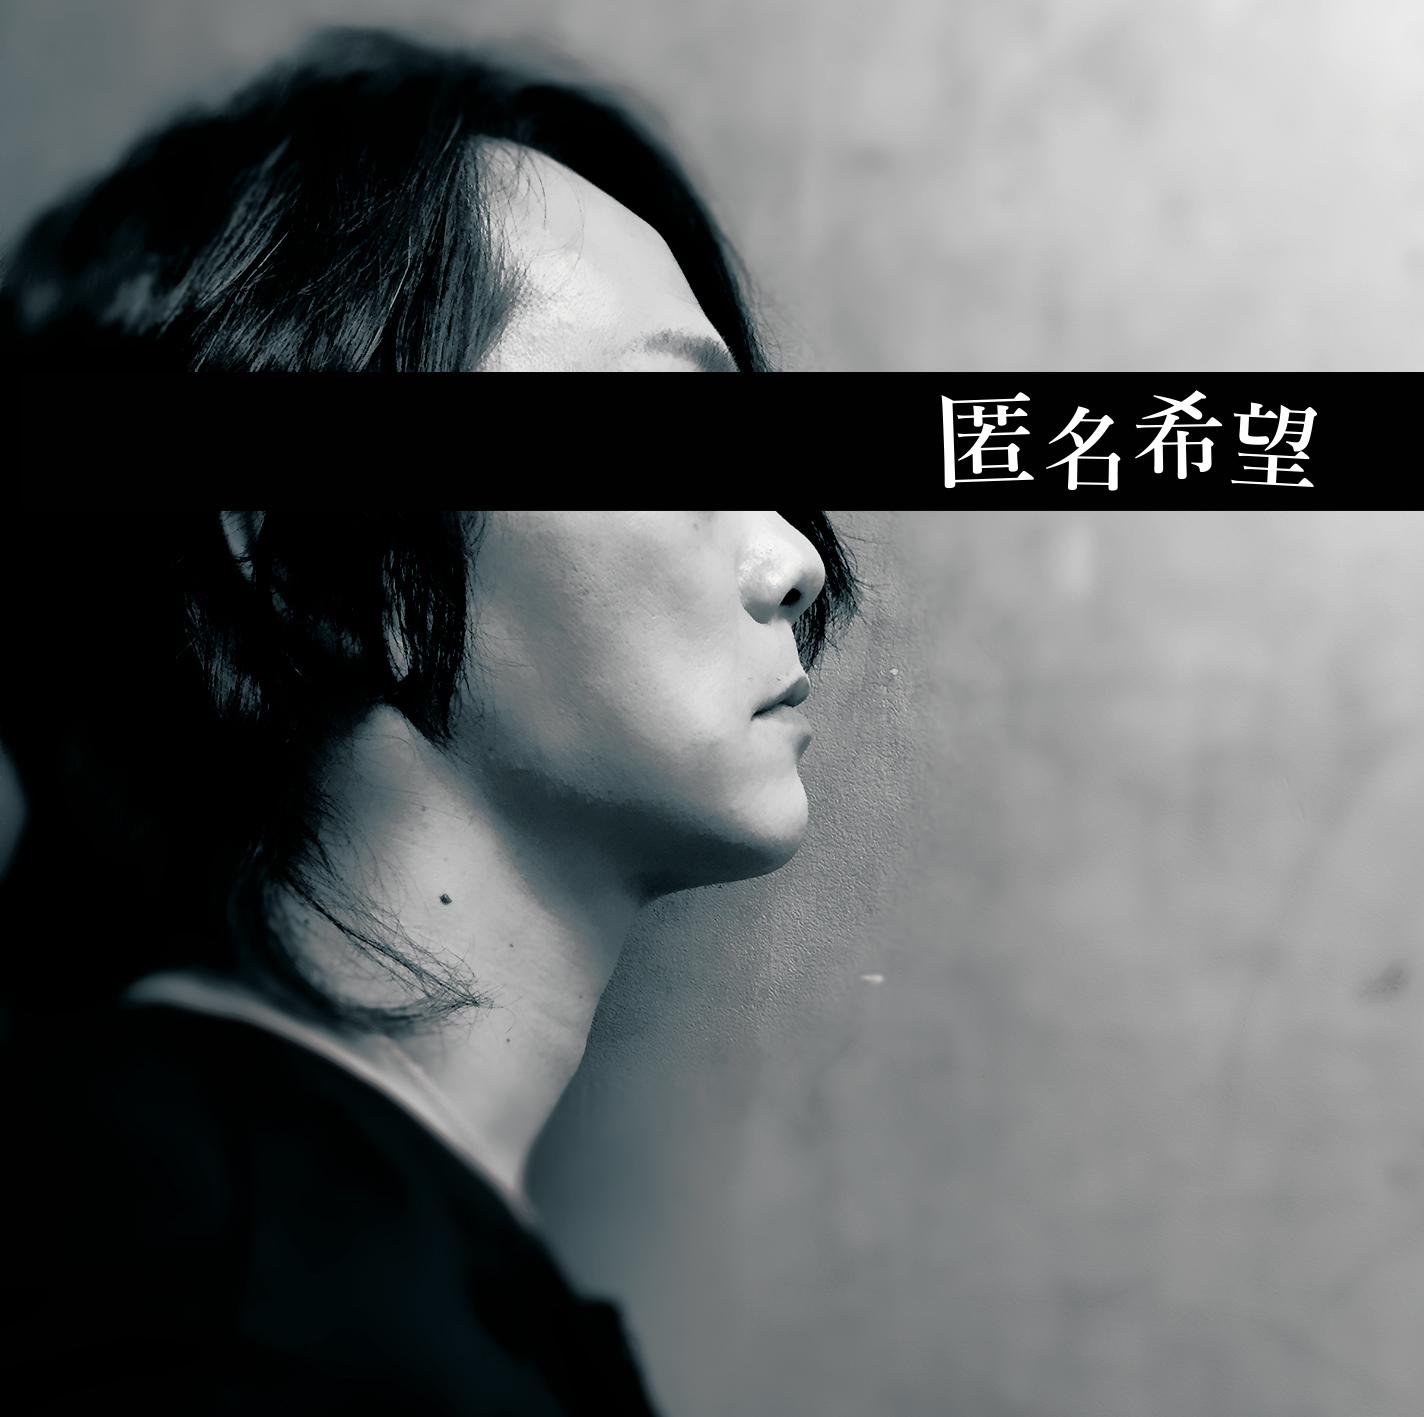 アコースティックアルバム『匿名希望』